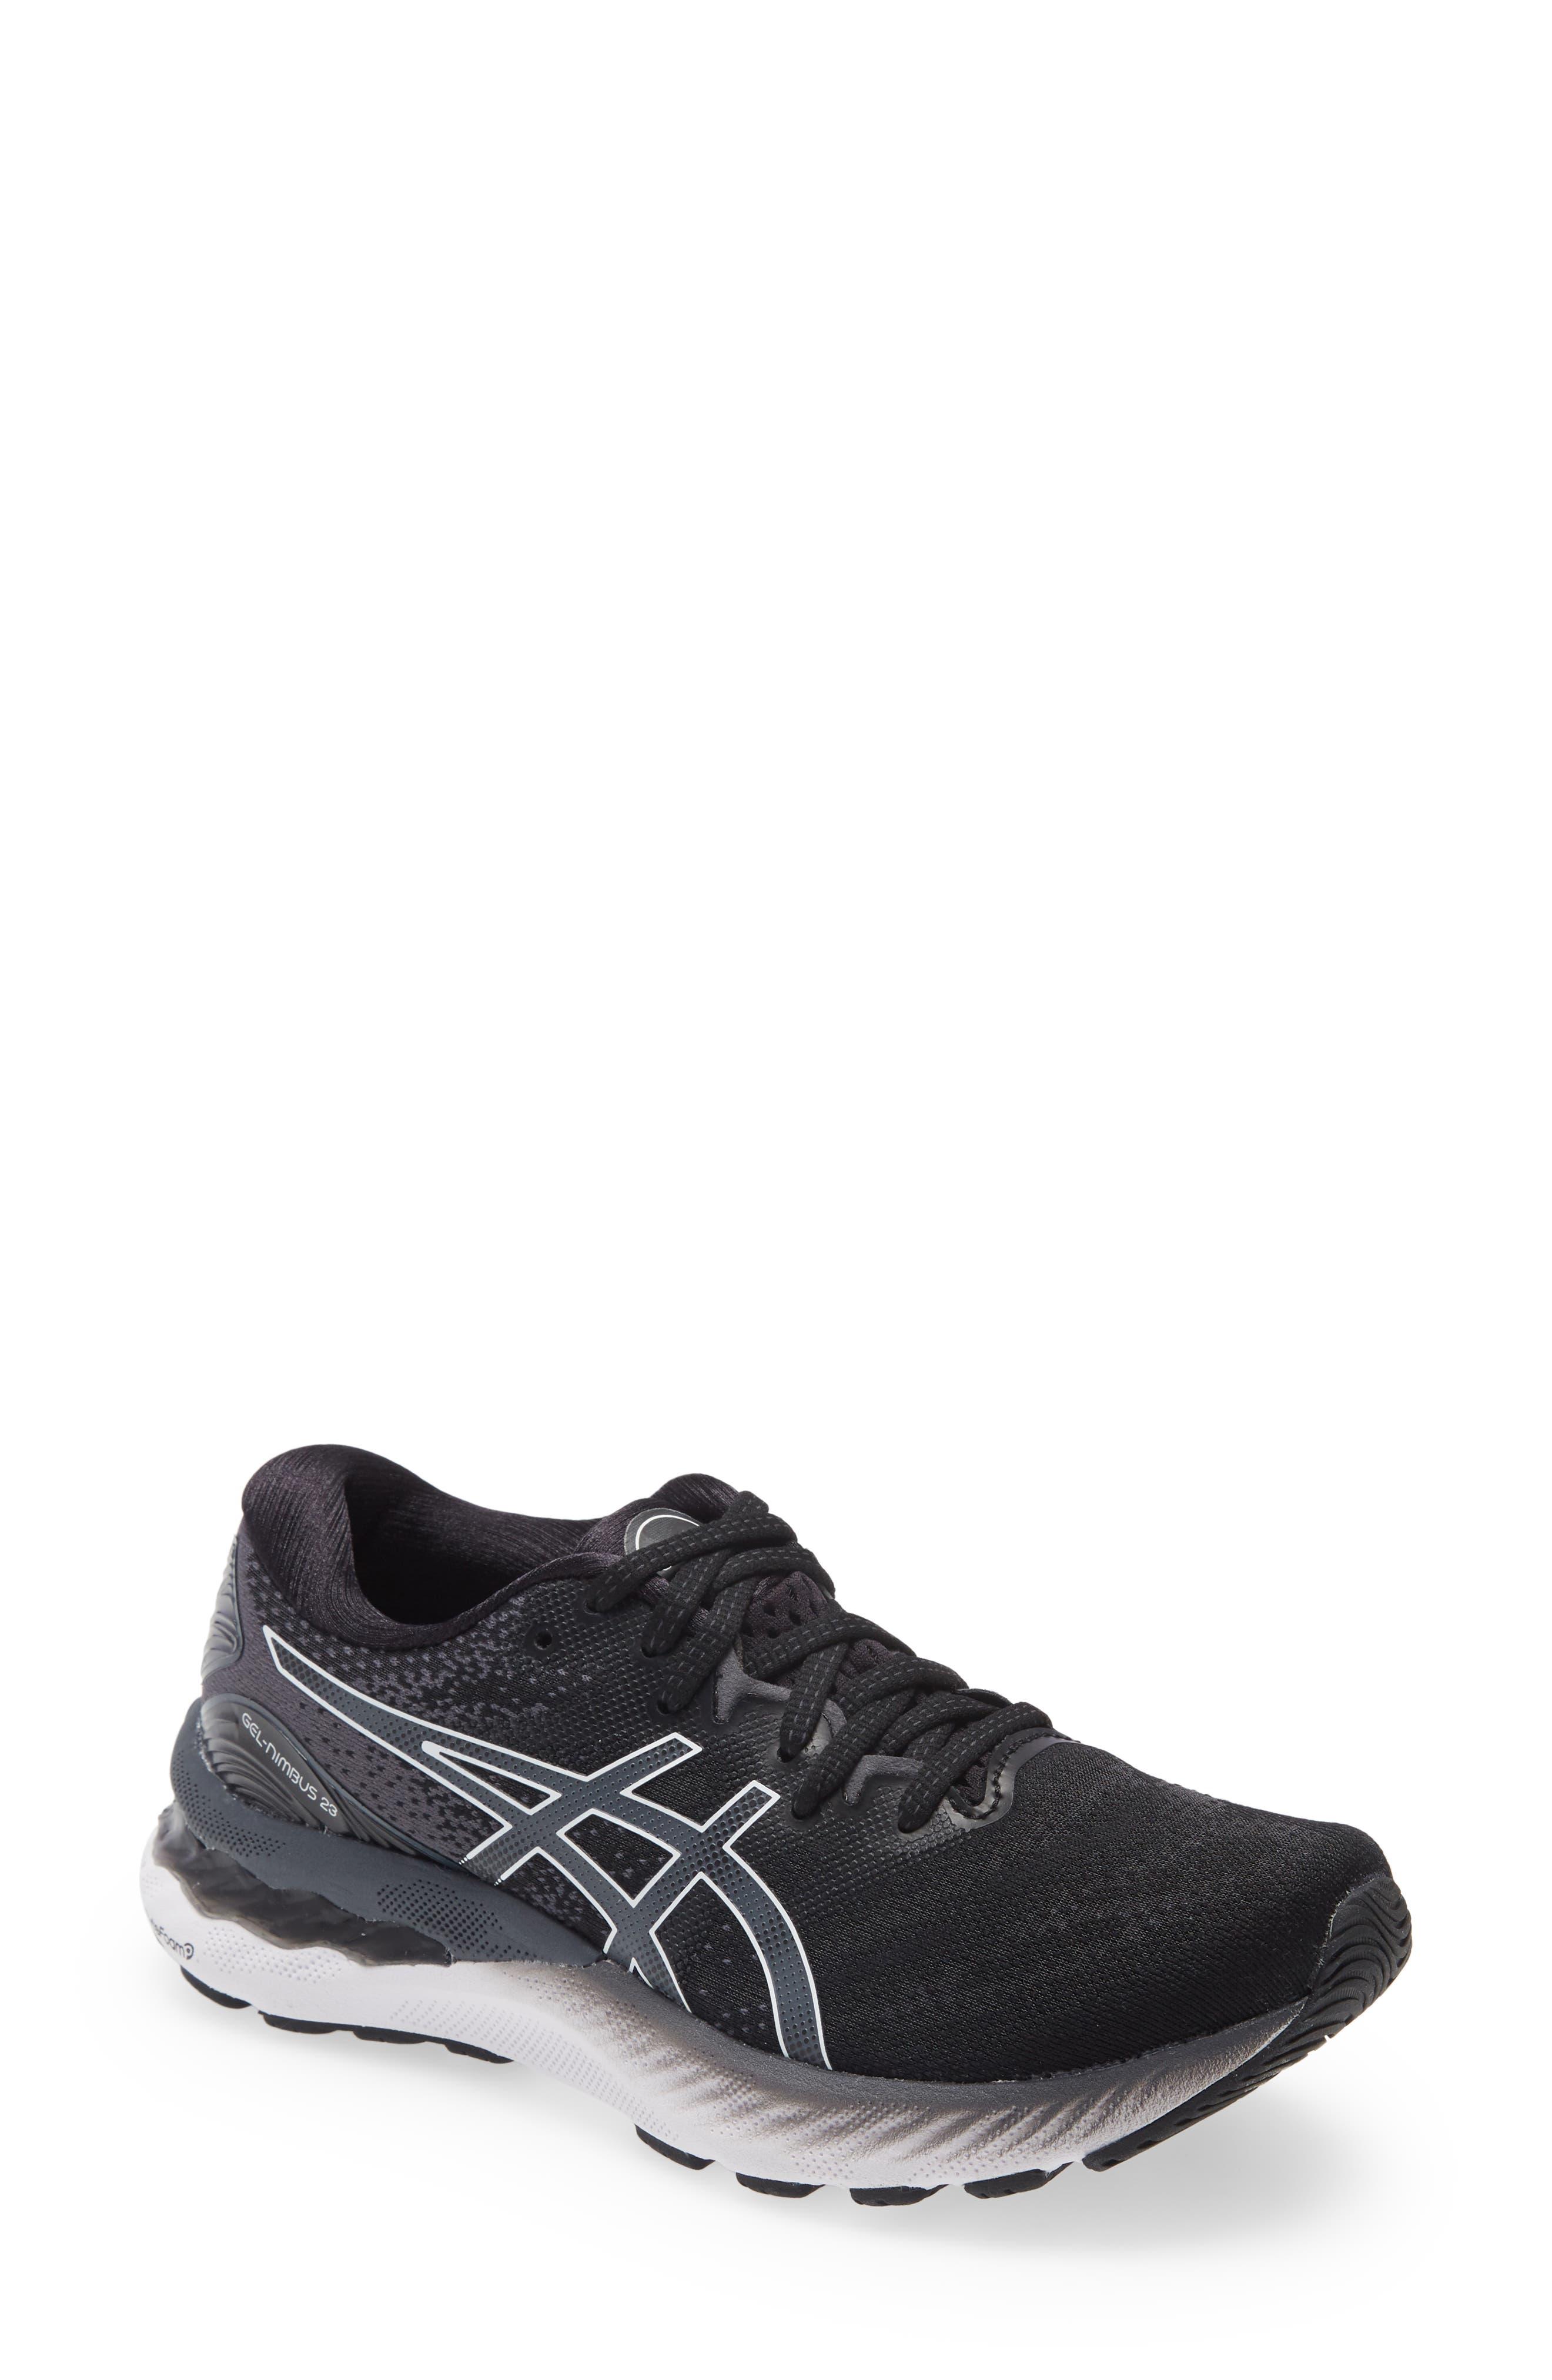 Women's Asics Gel-Nimbus 23 Running Shoe